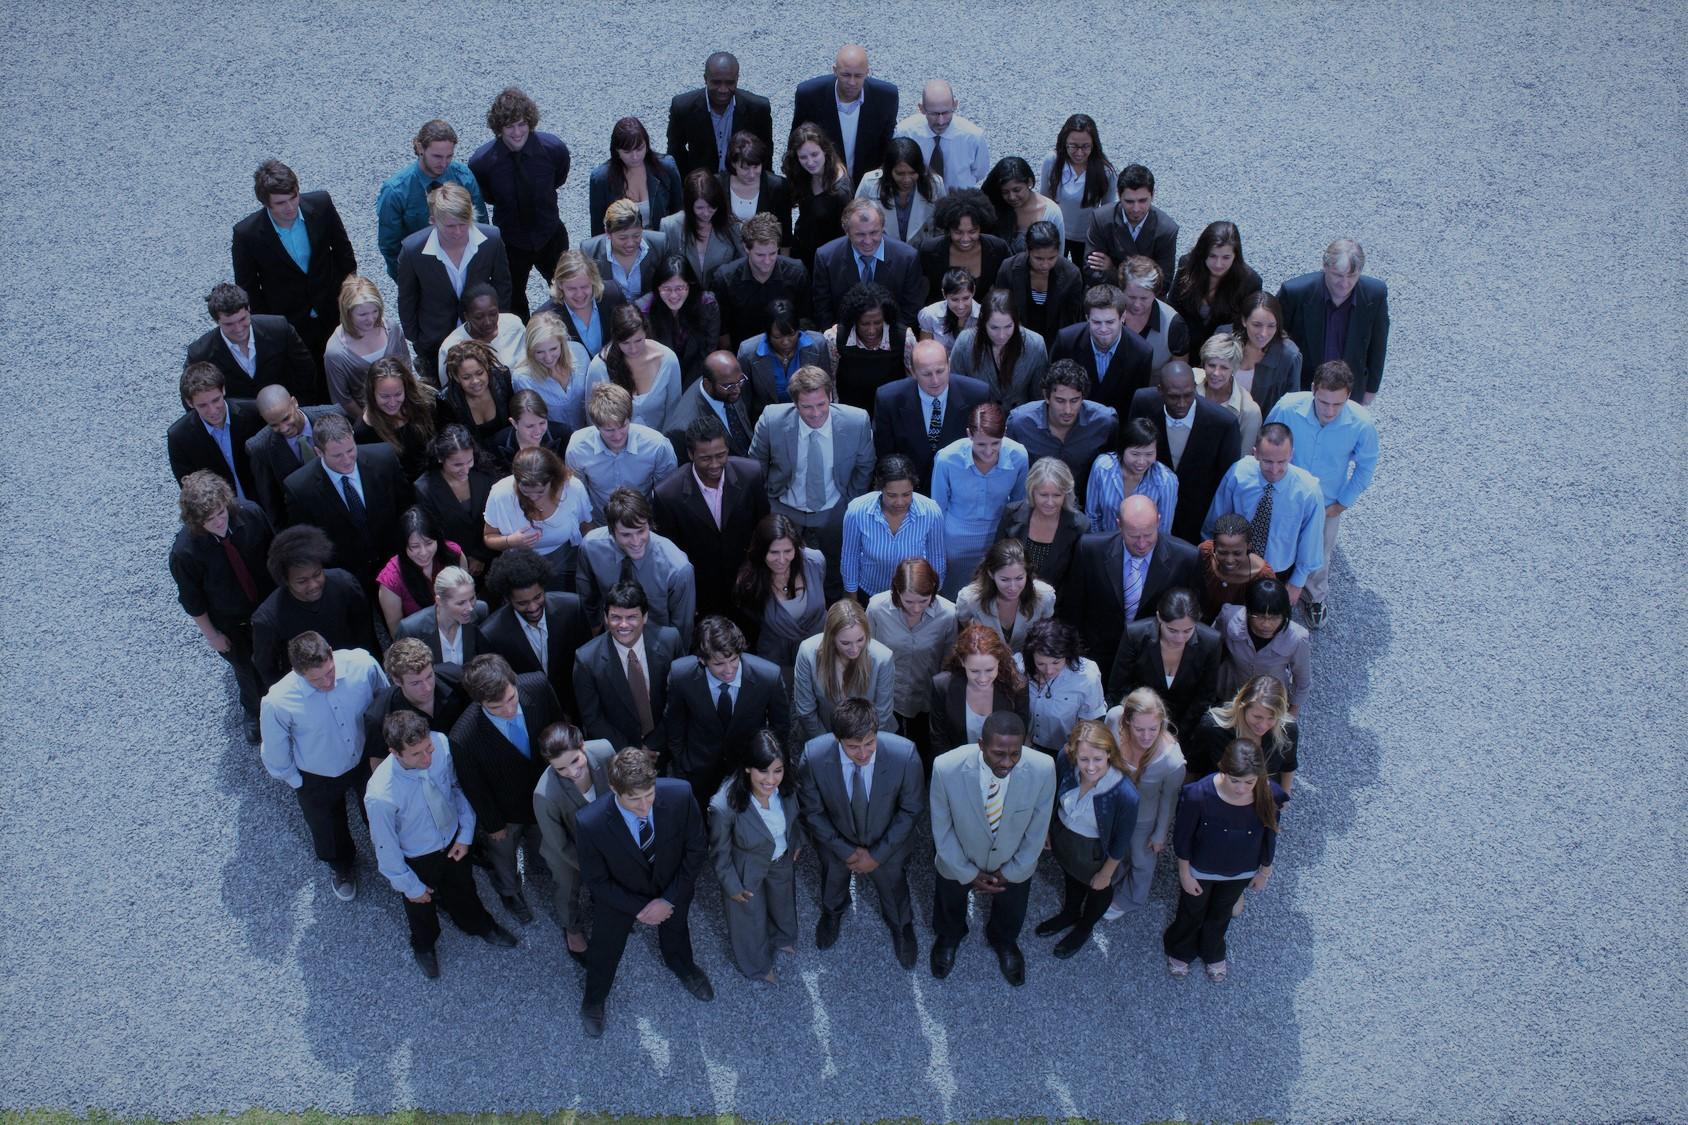 FRANKEN-CONSULTING-UNTERNEHMENSBERATUNG-Strategie-Marketing-Vertrieb-Organisation-Strategie Vertrieb 1